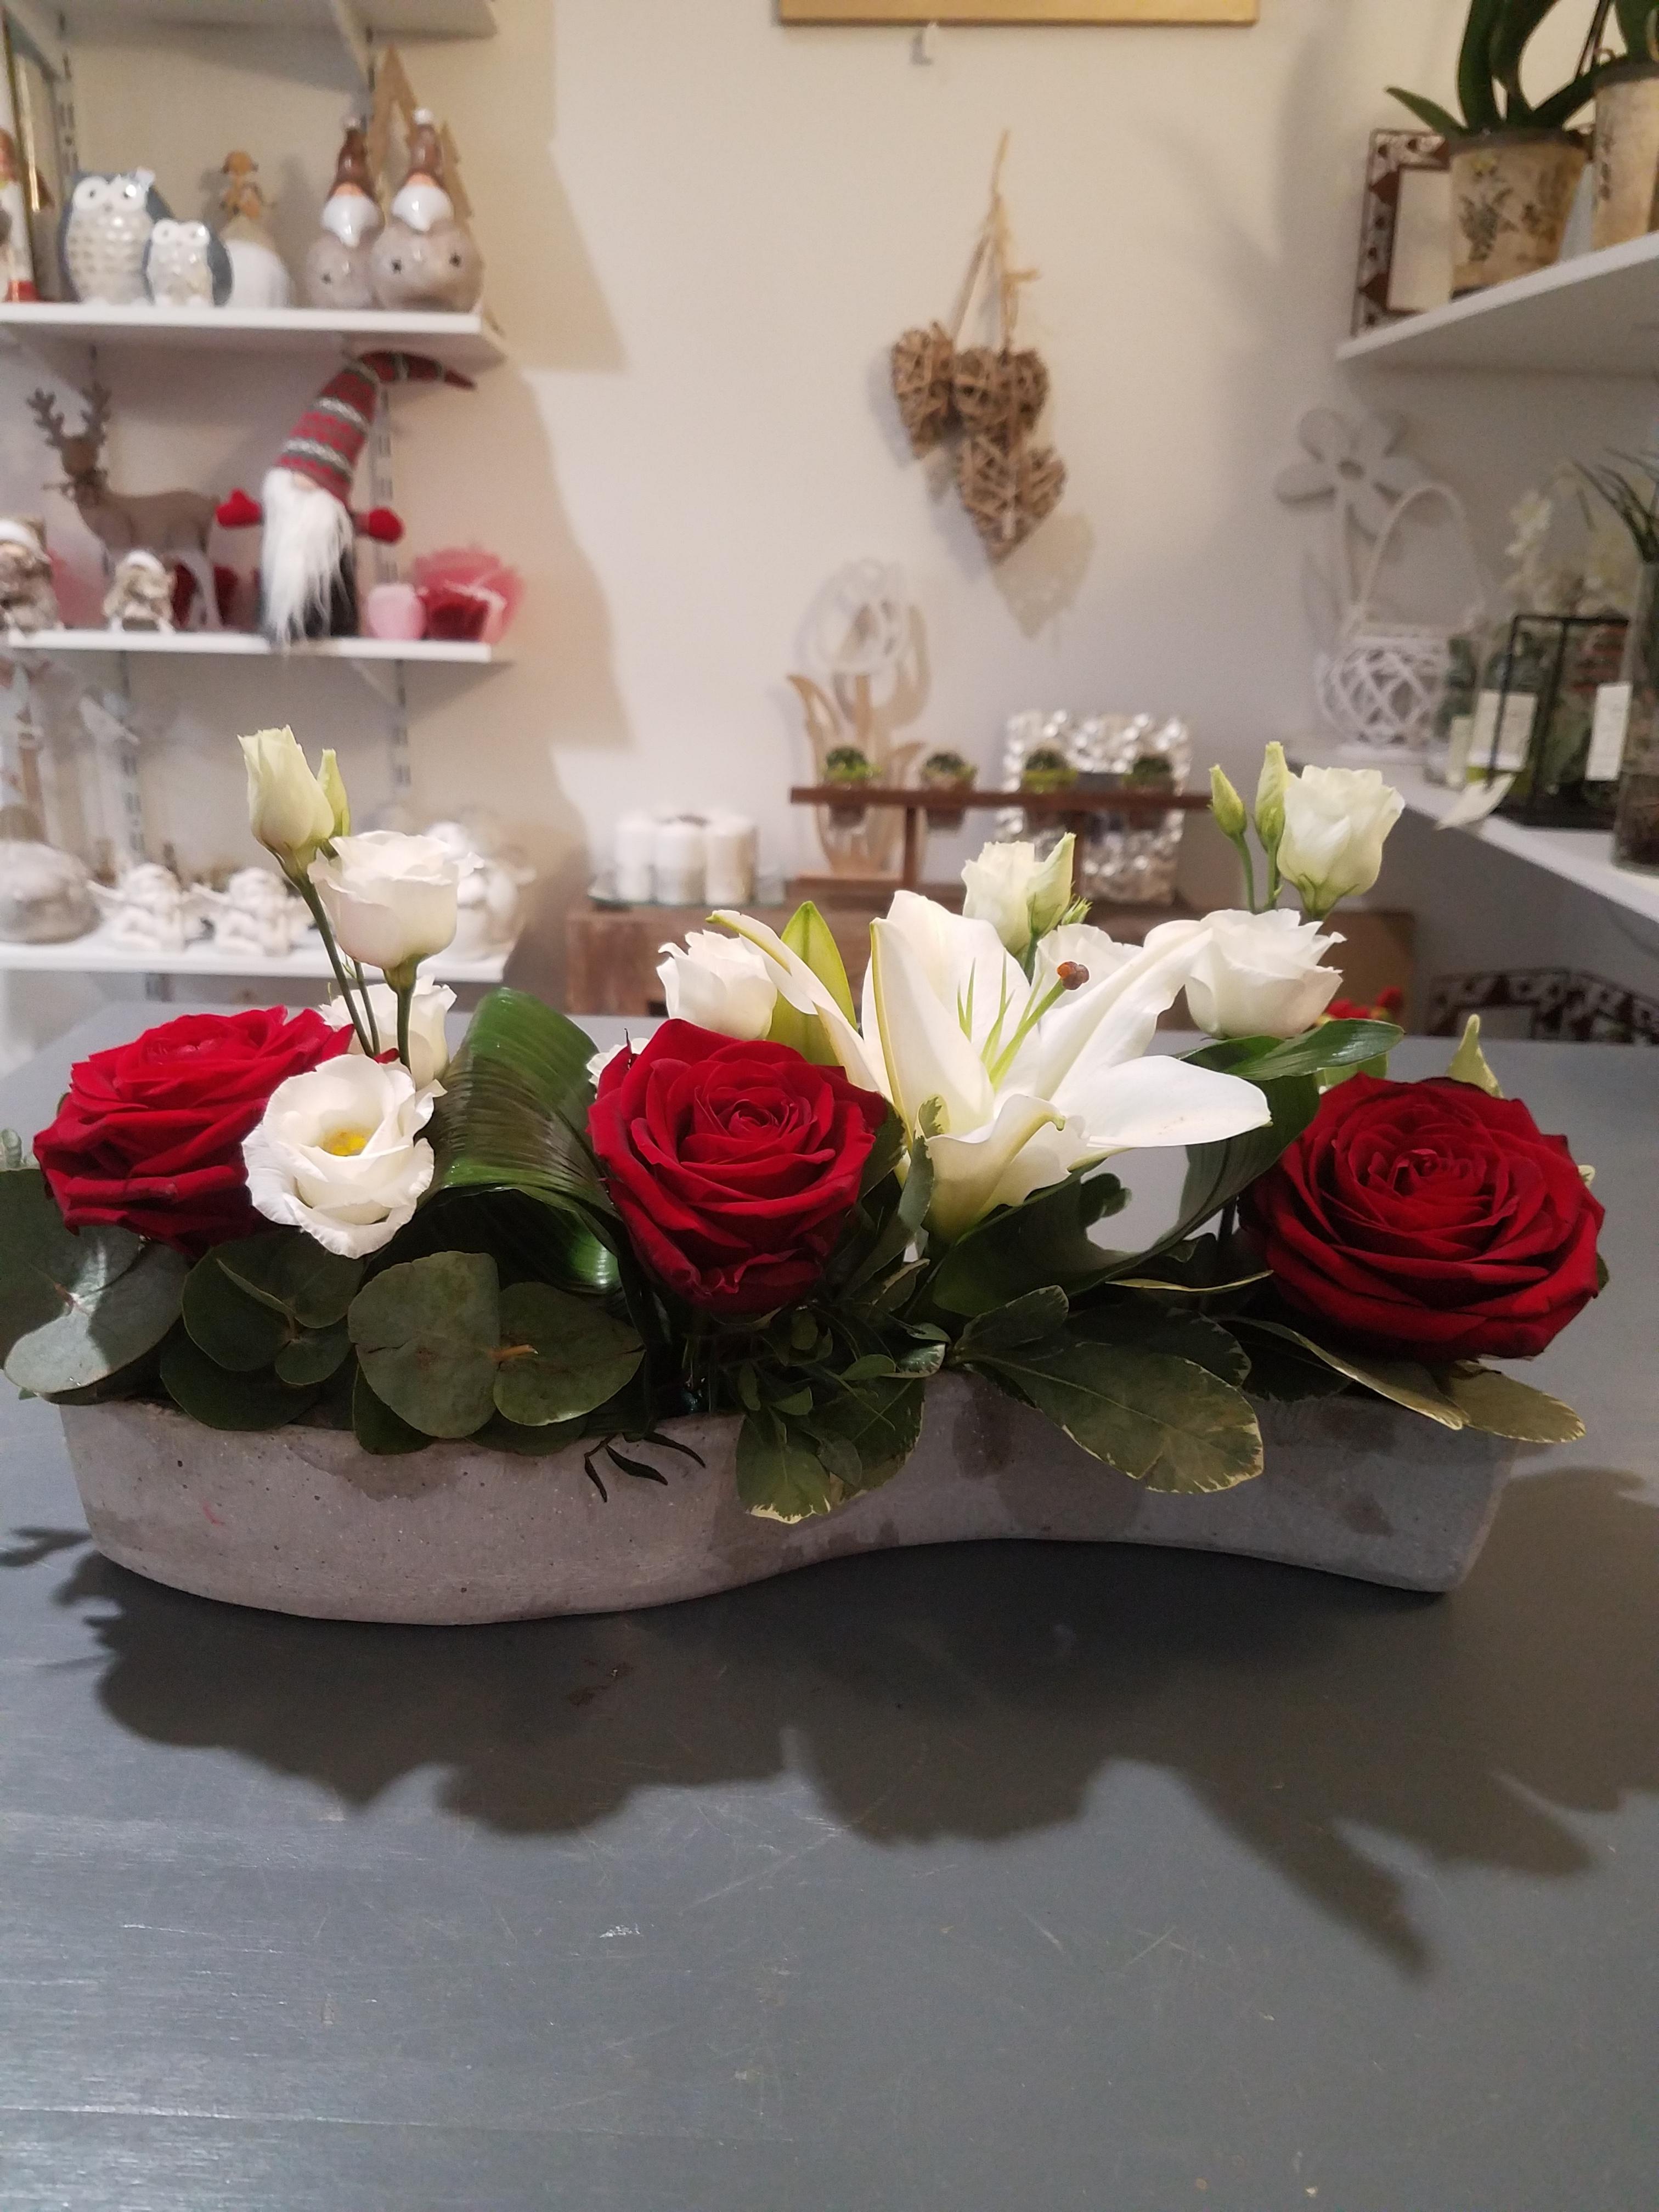 Galerie d'image - COQUELICOT Communay Artisan Fleuriste Créateur